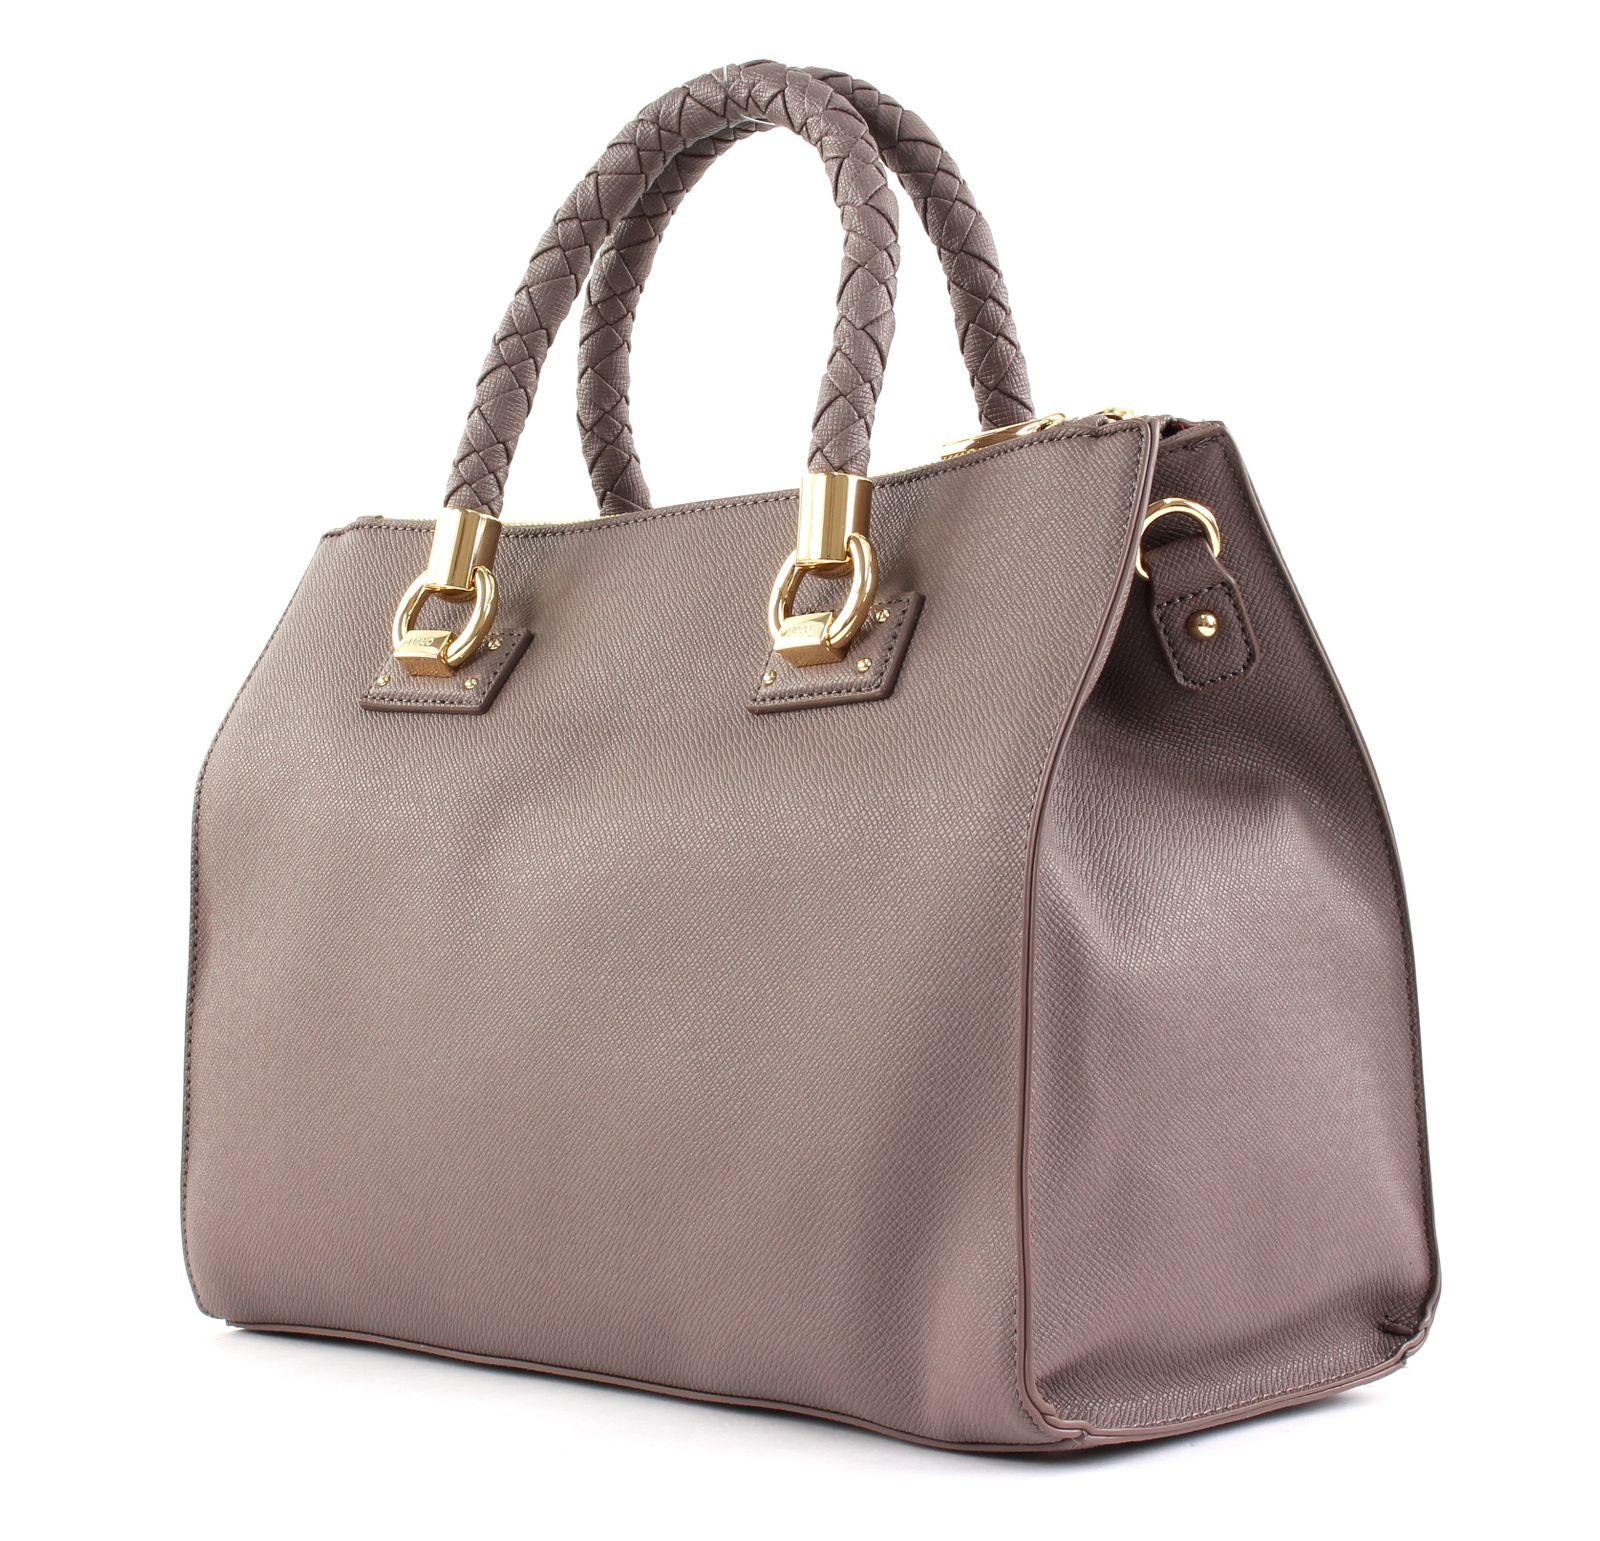 4b8ccda31792f LIU JO Manhattan Satchel Zip M Handtasche Umhängetasche Tasche ...